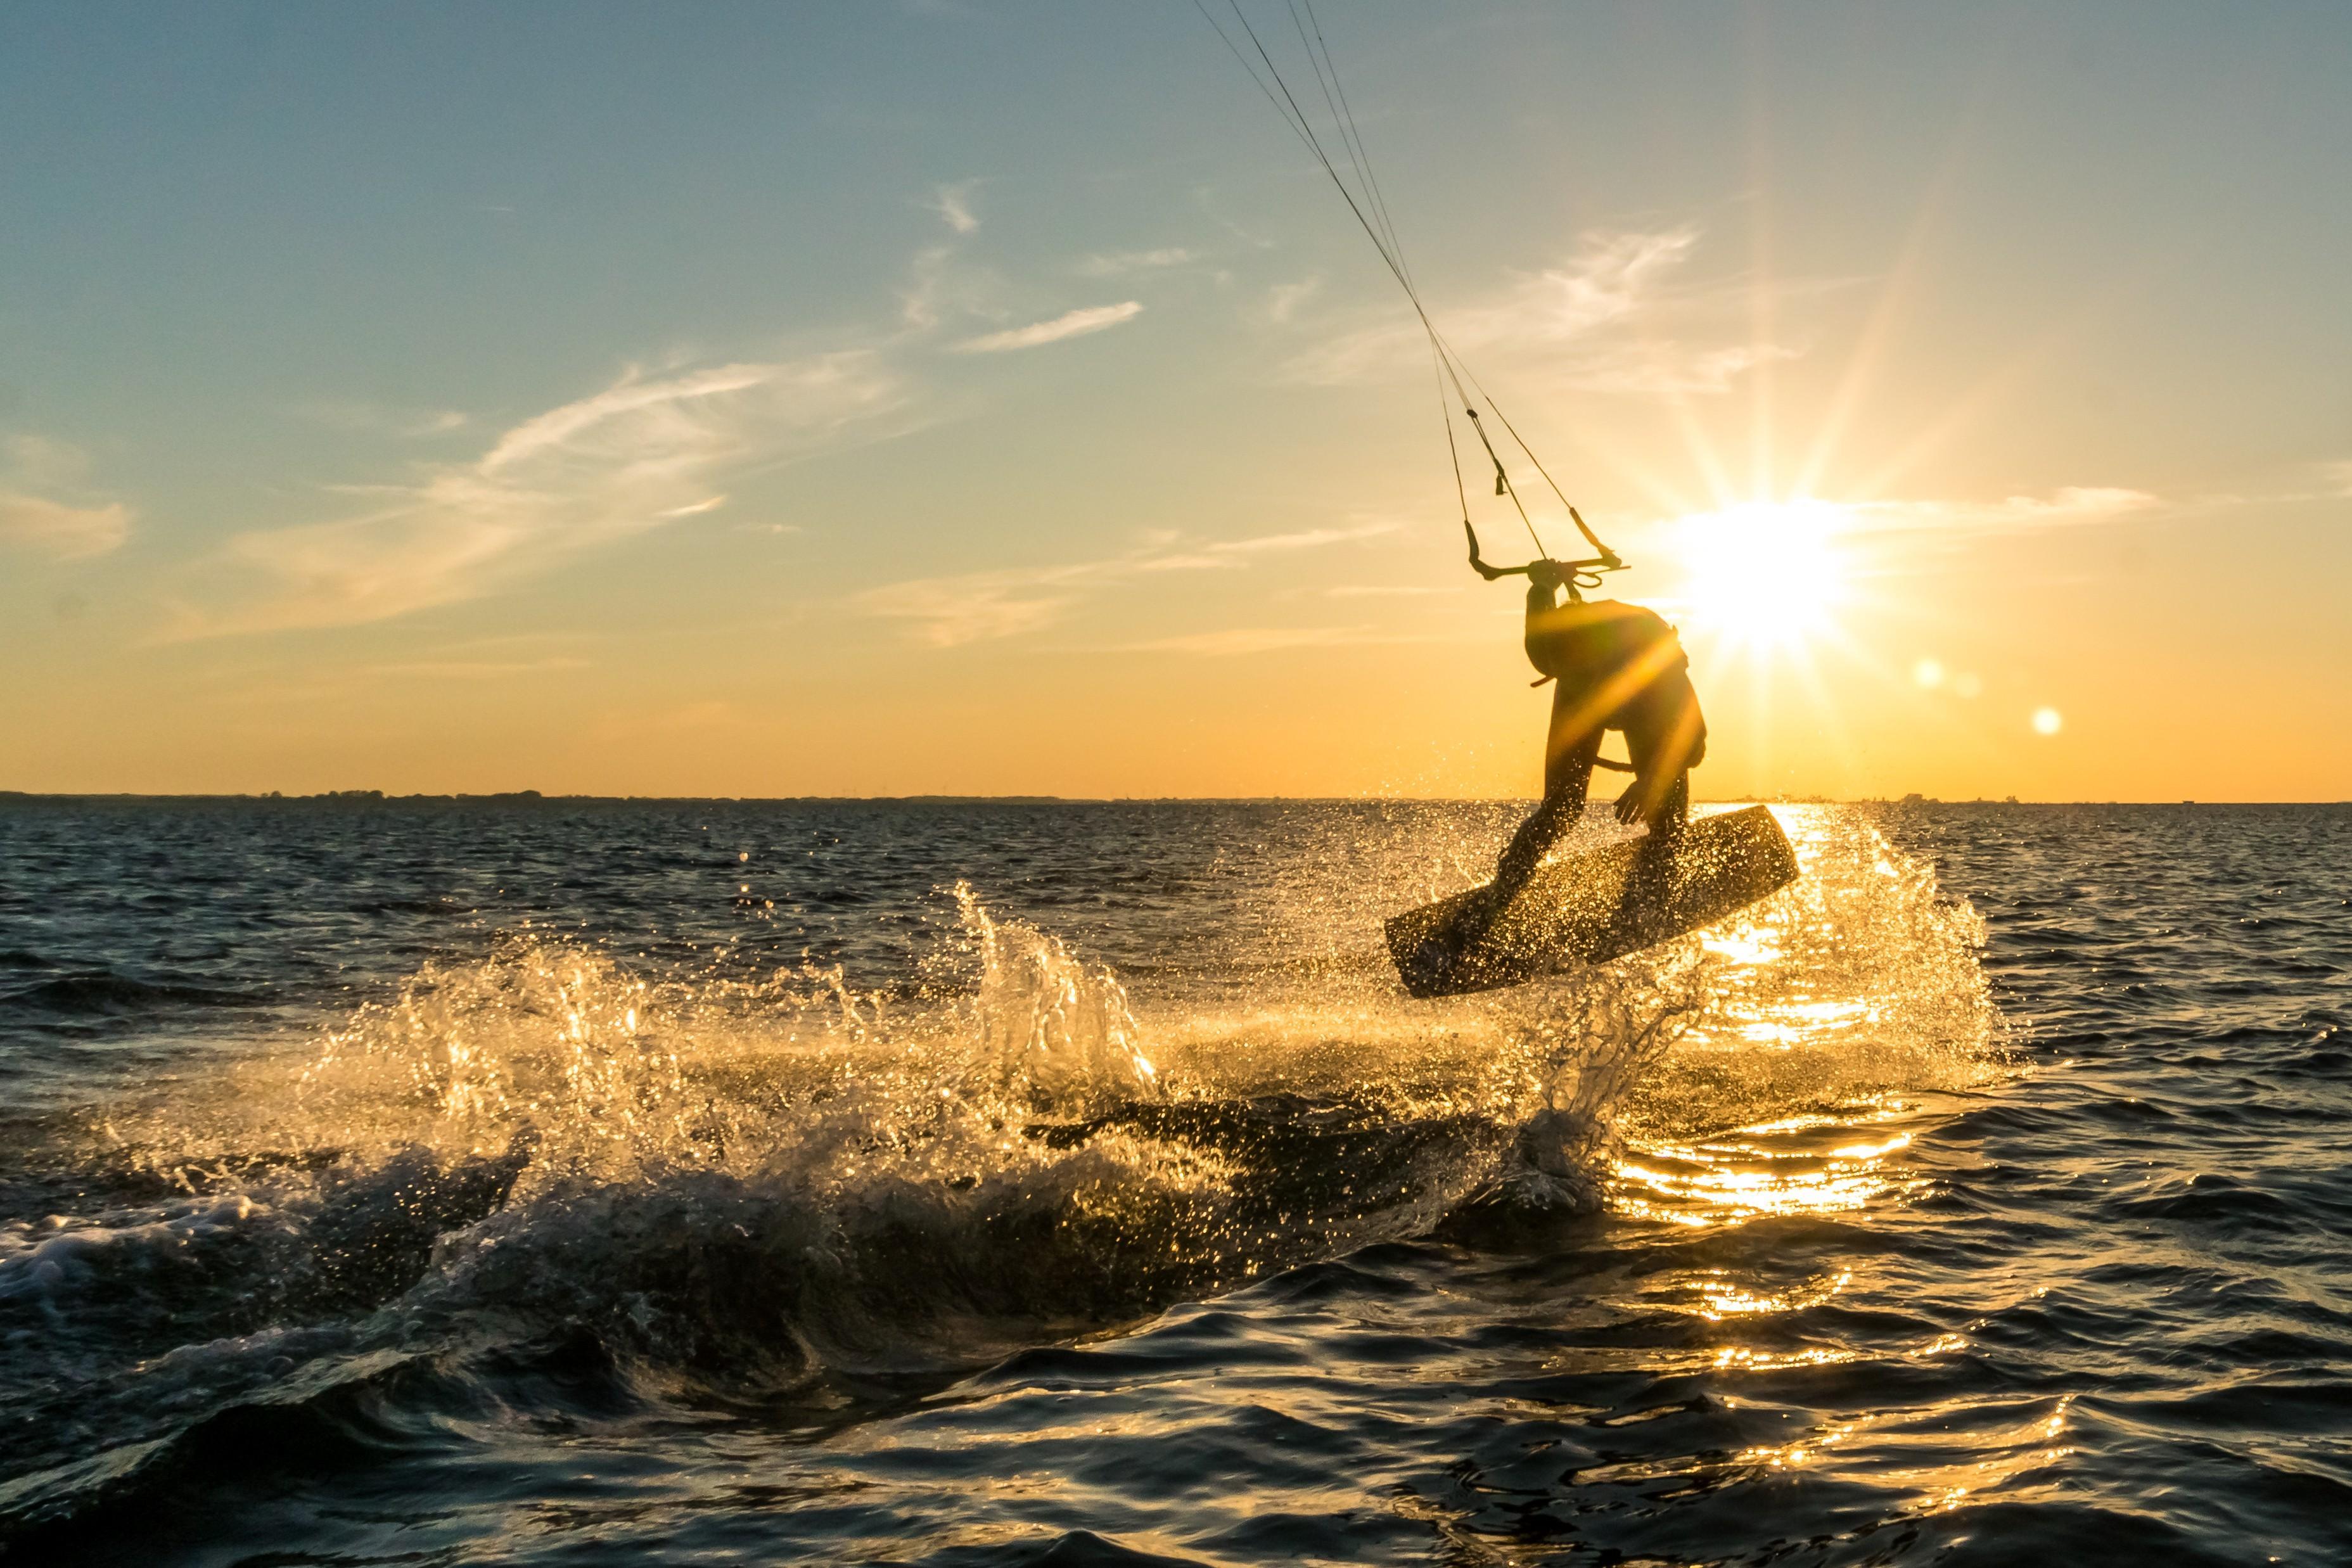 Kitesurfing-ul, tot mai popular în România. La Mamaia, pasionații acestui sport au făcut un adevărat spectacol, printre valuri